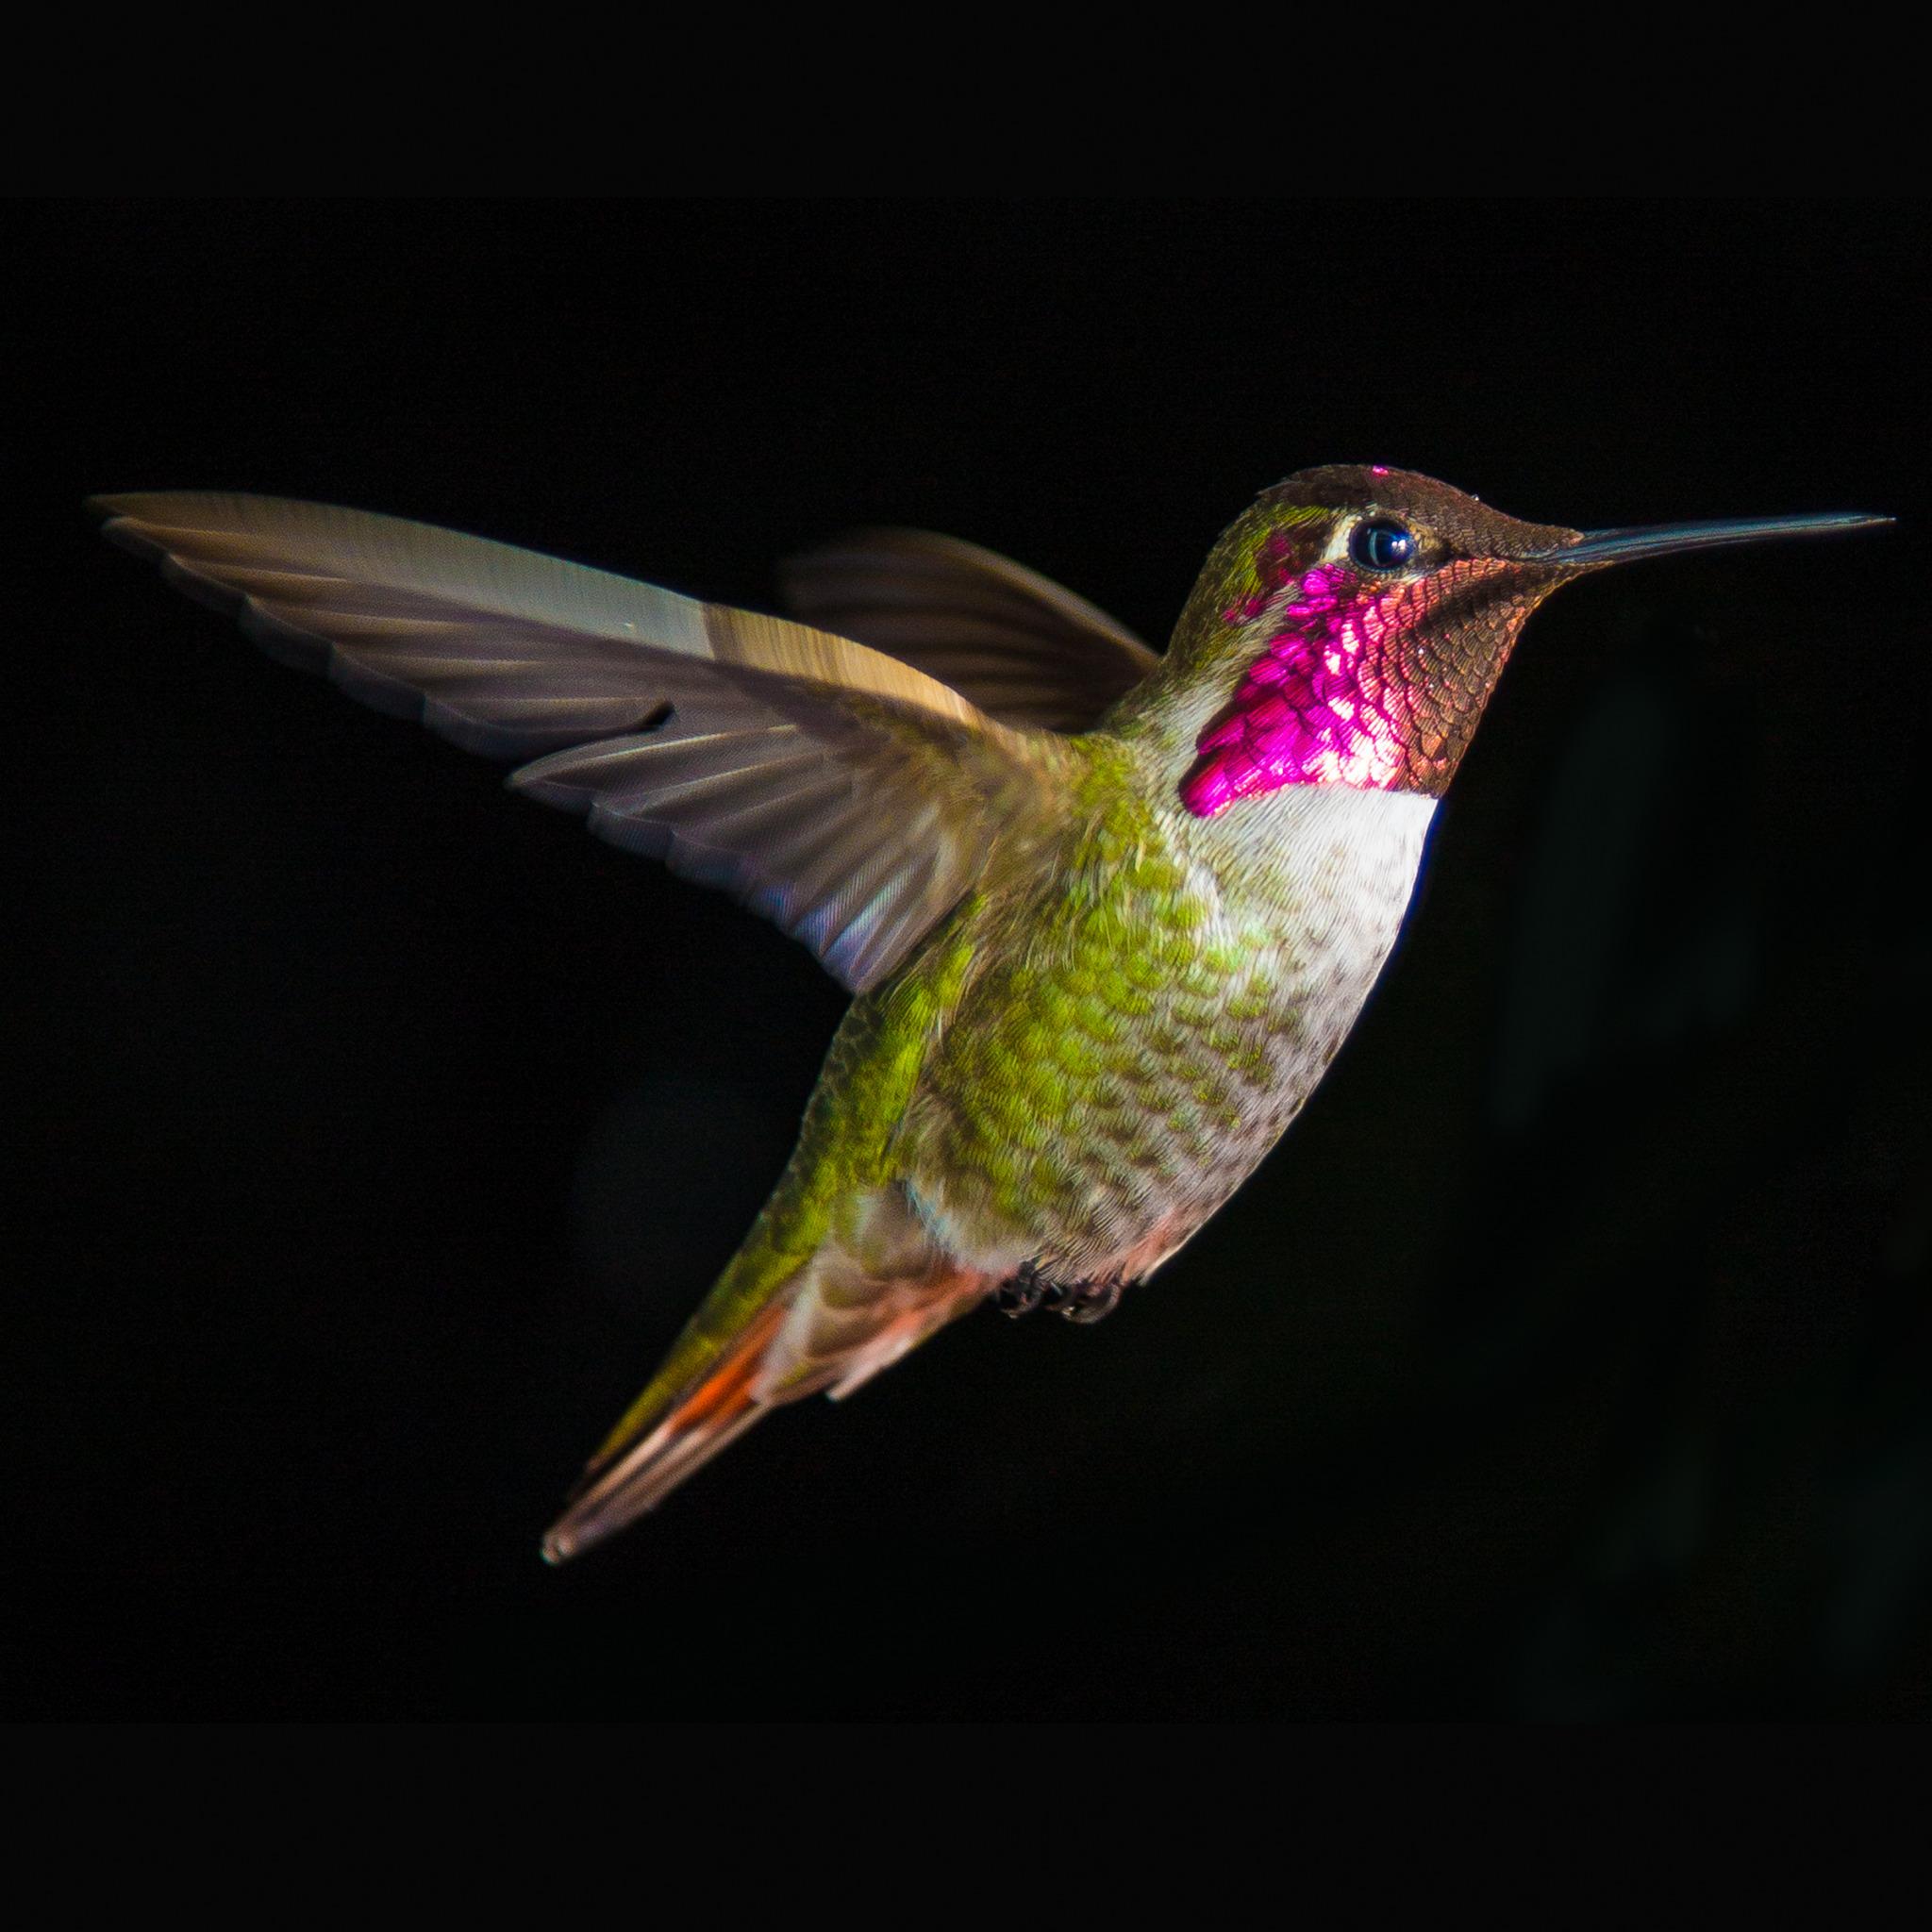 Сообщение о птице колибри фото